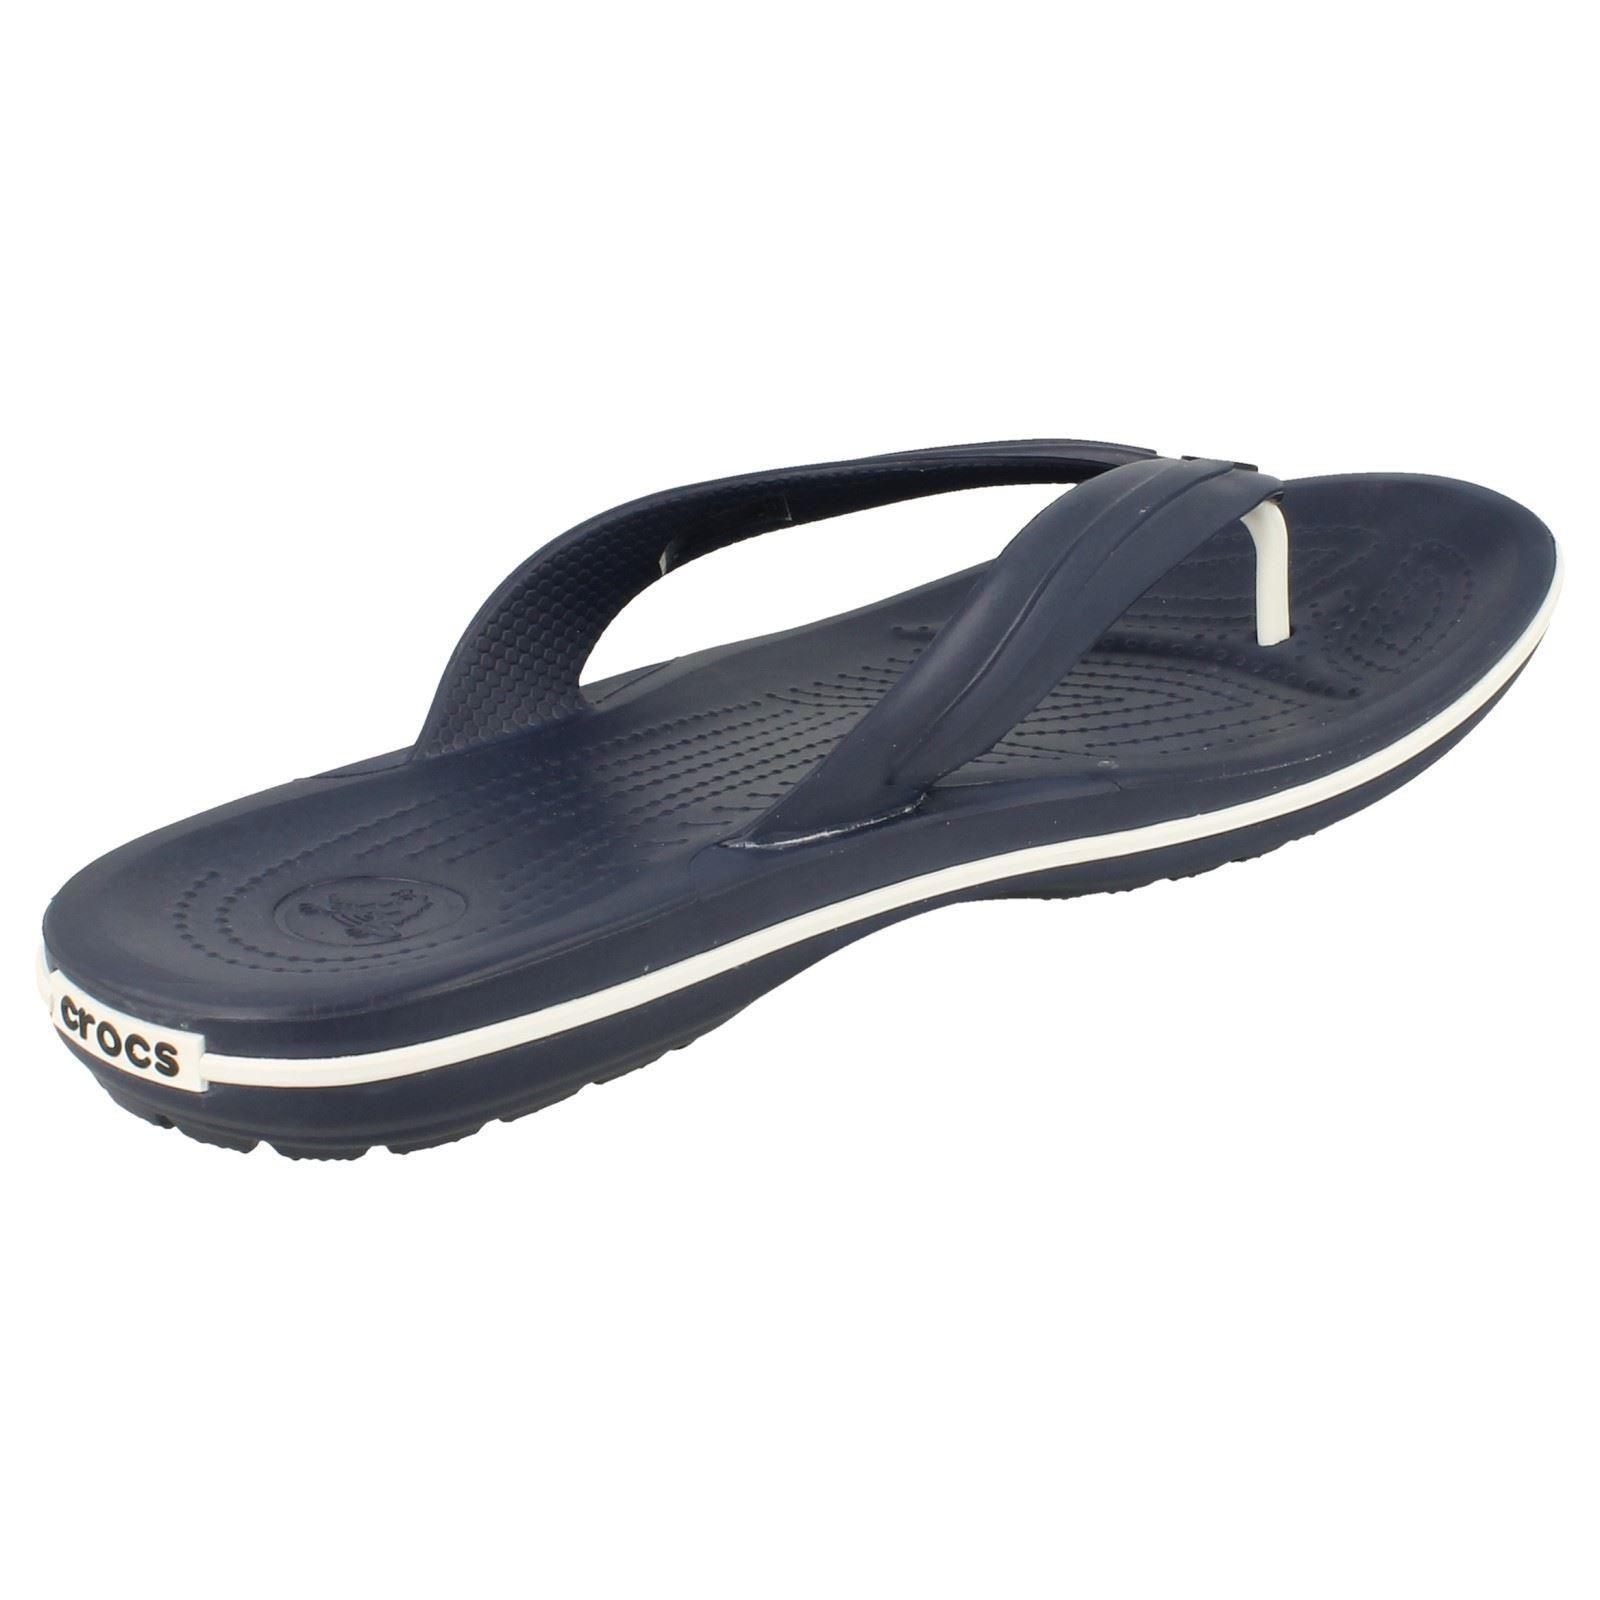 unisex crocs flip flop sandals 39 crocband flip 39 ebay. Black Bedroom Furniture Sets. Home Design Ideas